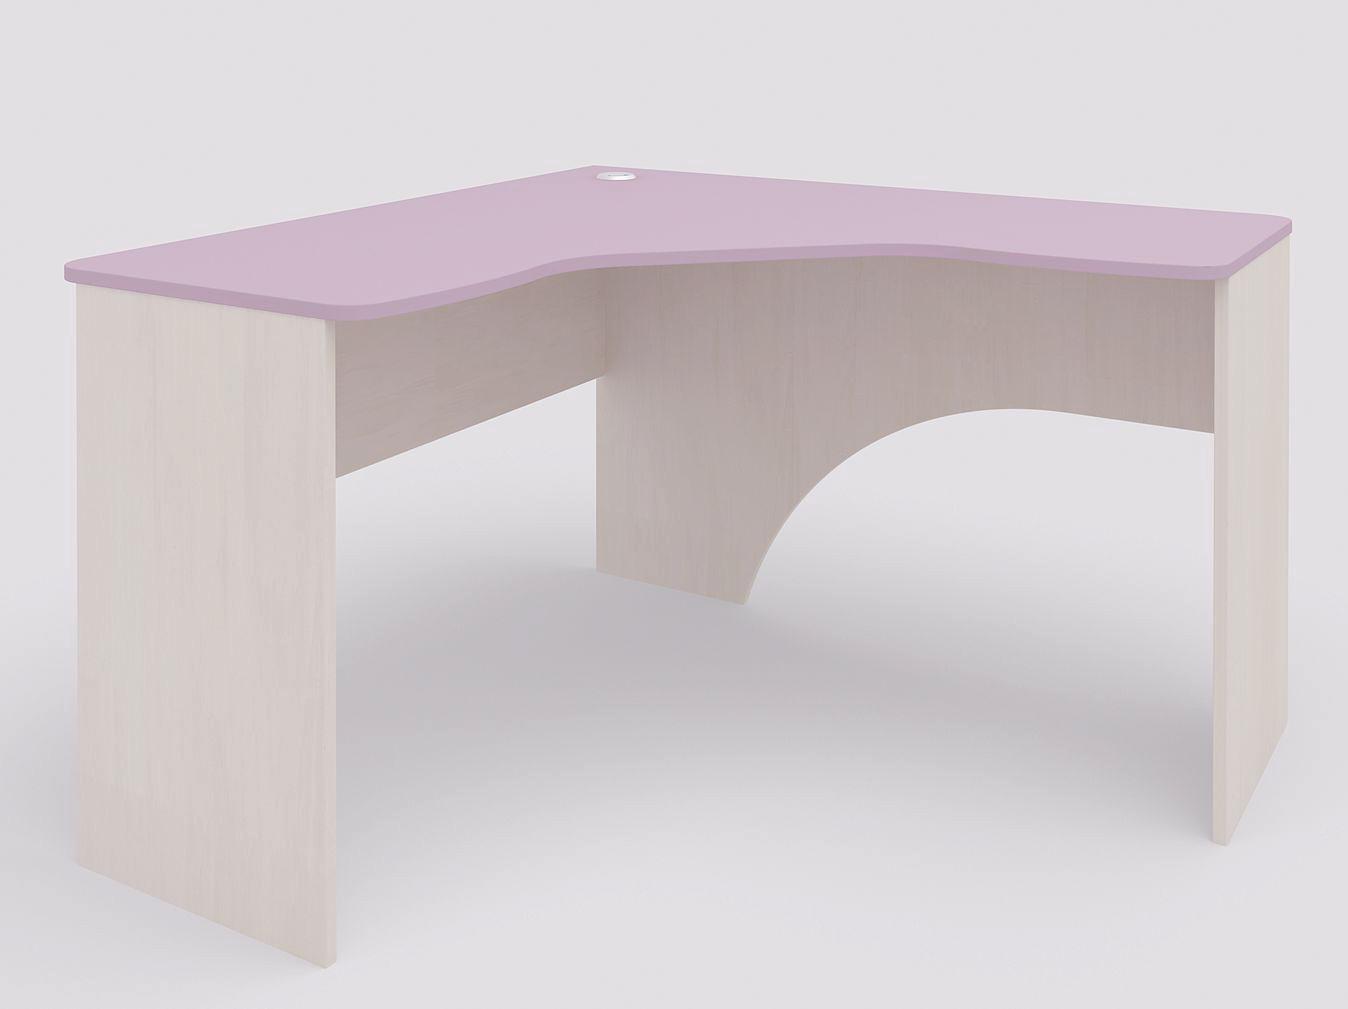 Lenza Dětský rohový psací stůl Mia